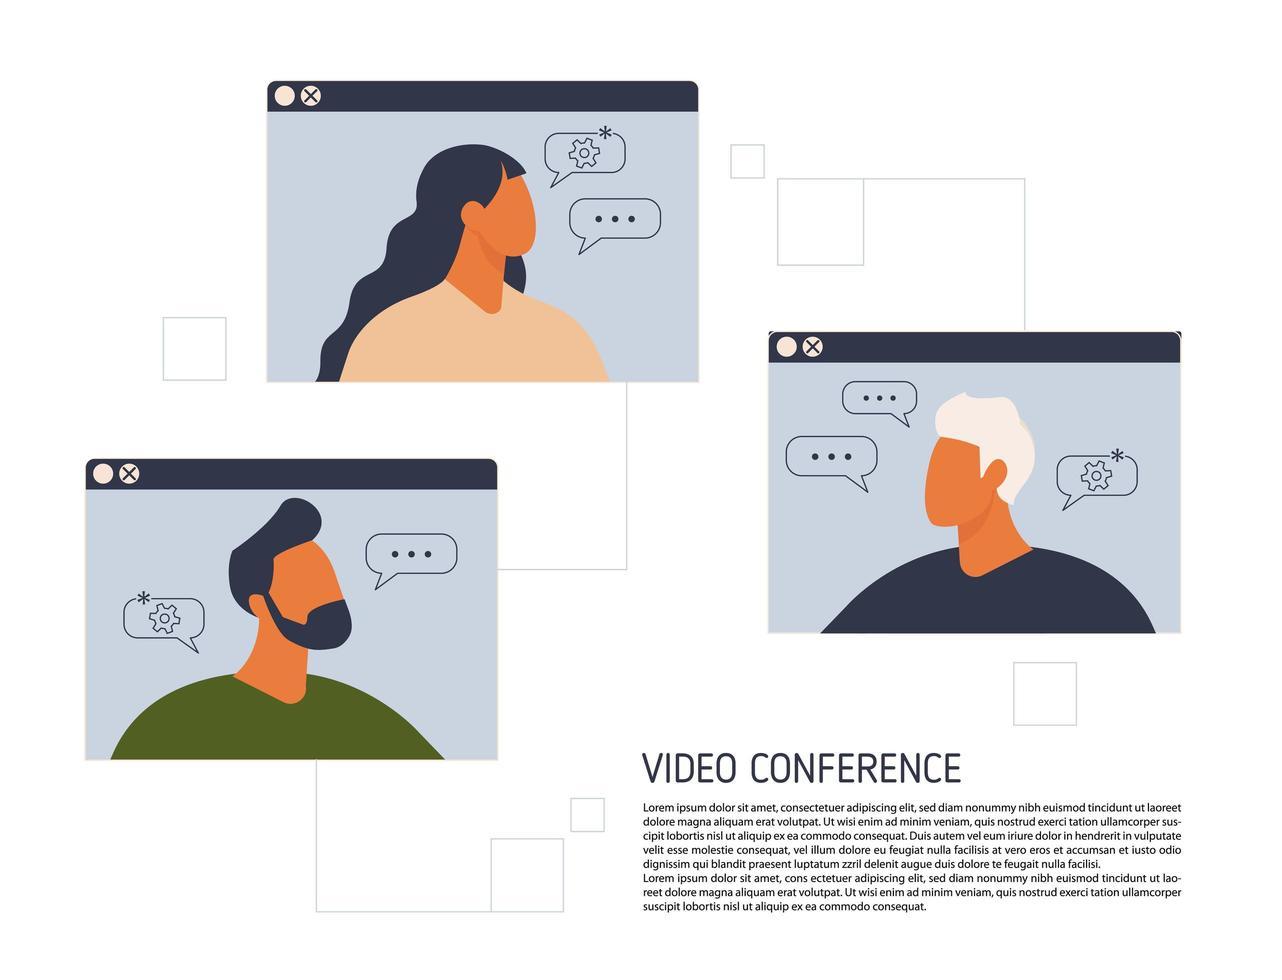 resta e lavora da casa. illustrazione di videoconferenza. posto di lavoro, schermo del laptop, gruppo di persone che parlano tramite Internet. streaming, chat web, incontri online con amici. coronavirus, isolamento da quarantena. vettore